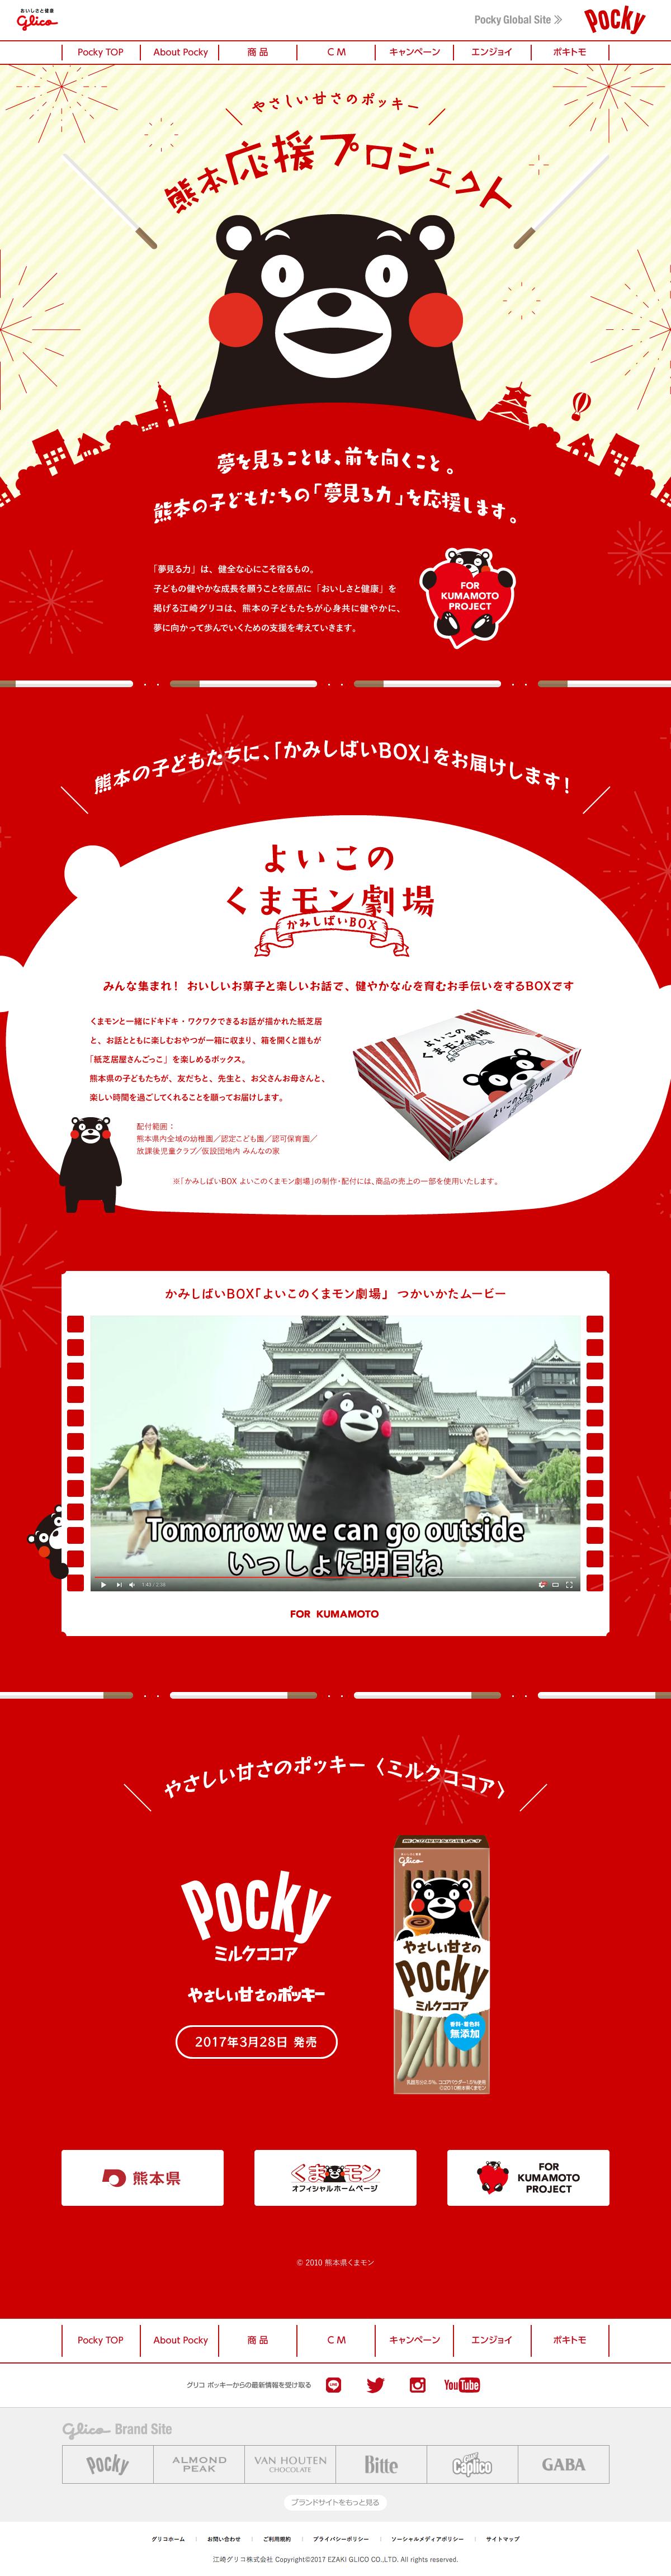 熊本応援プロジェクトPC画像